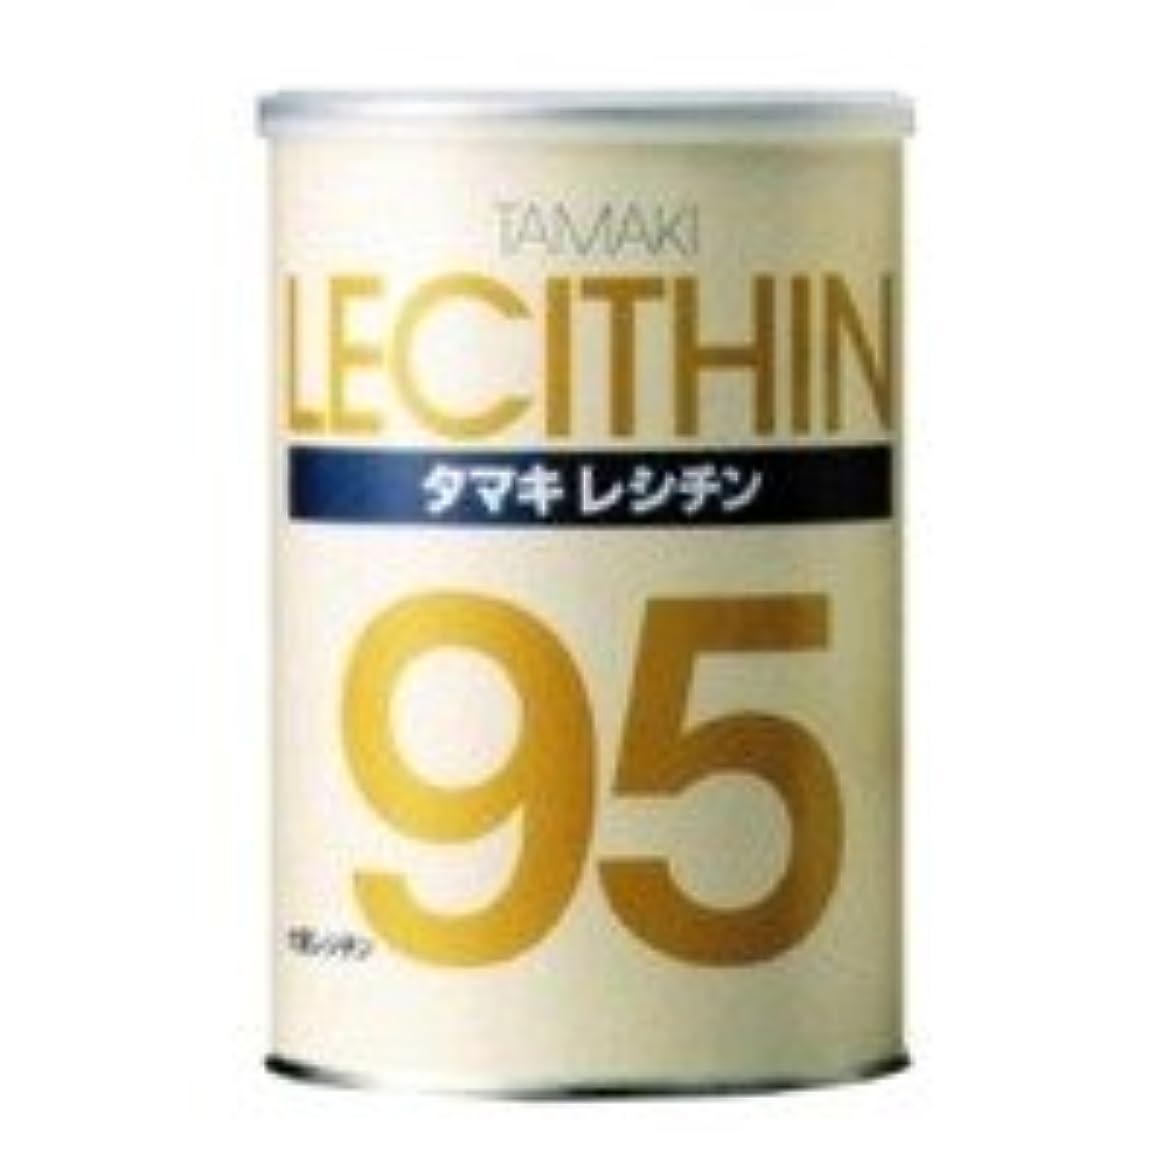 連続的ベジタリアン特徴玉樹 レシチン 500g